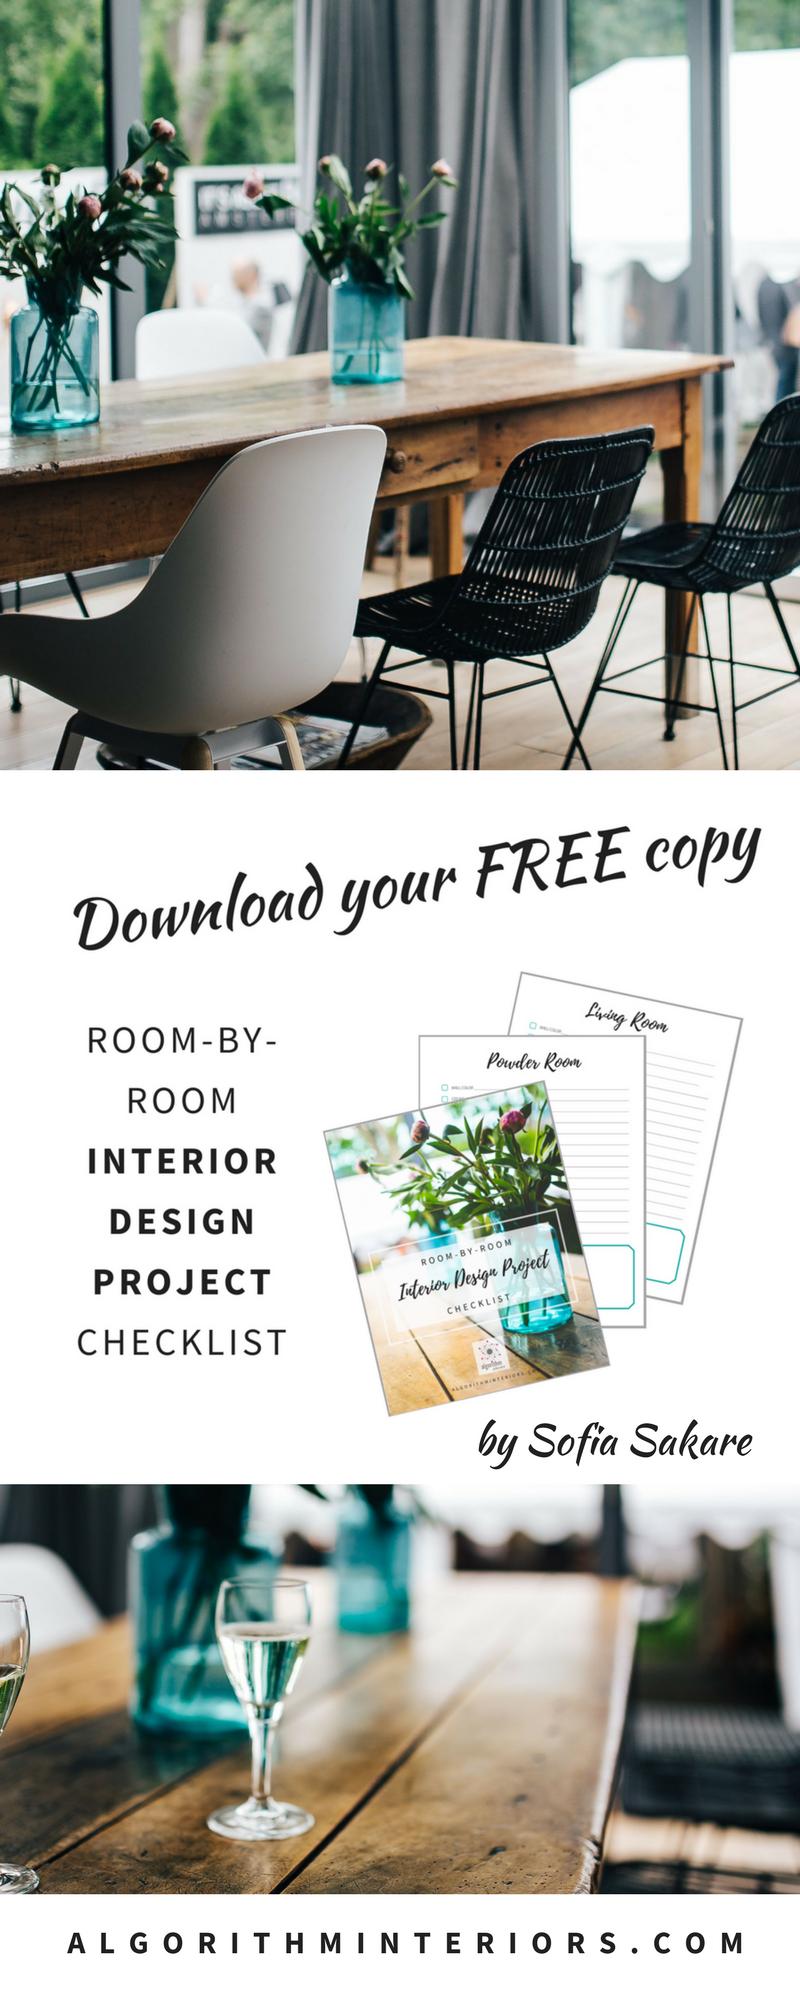 Interior Design Project Checklist